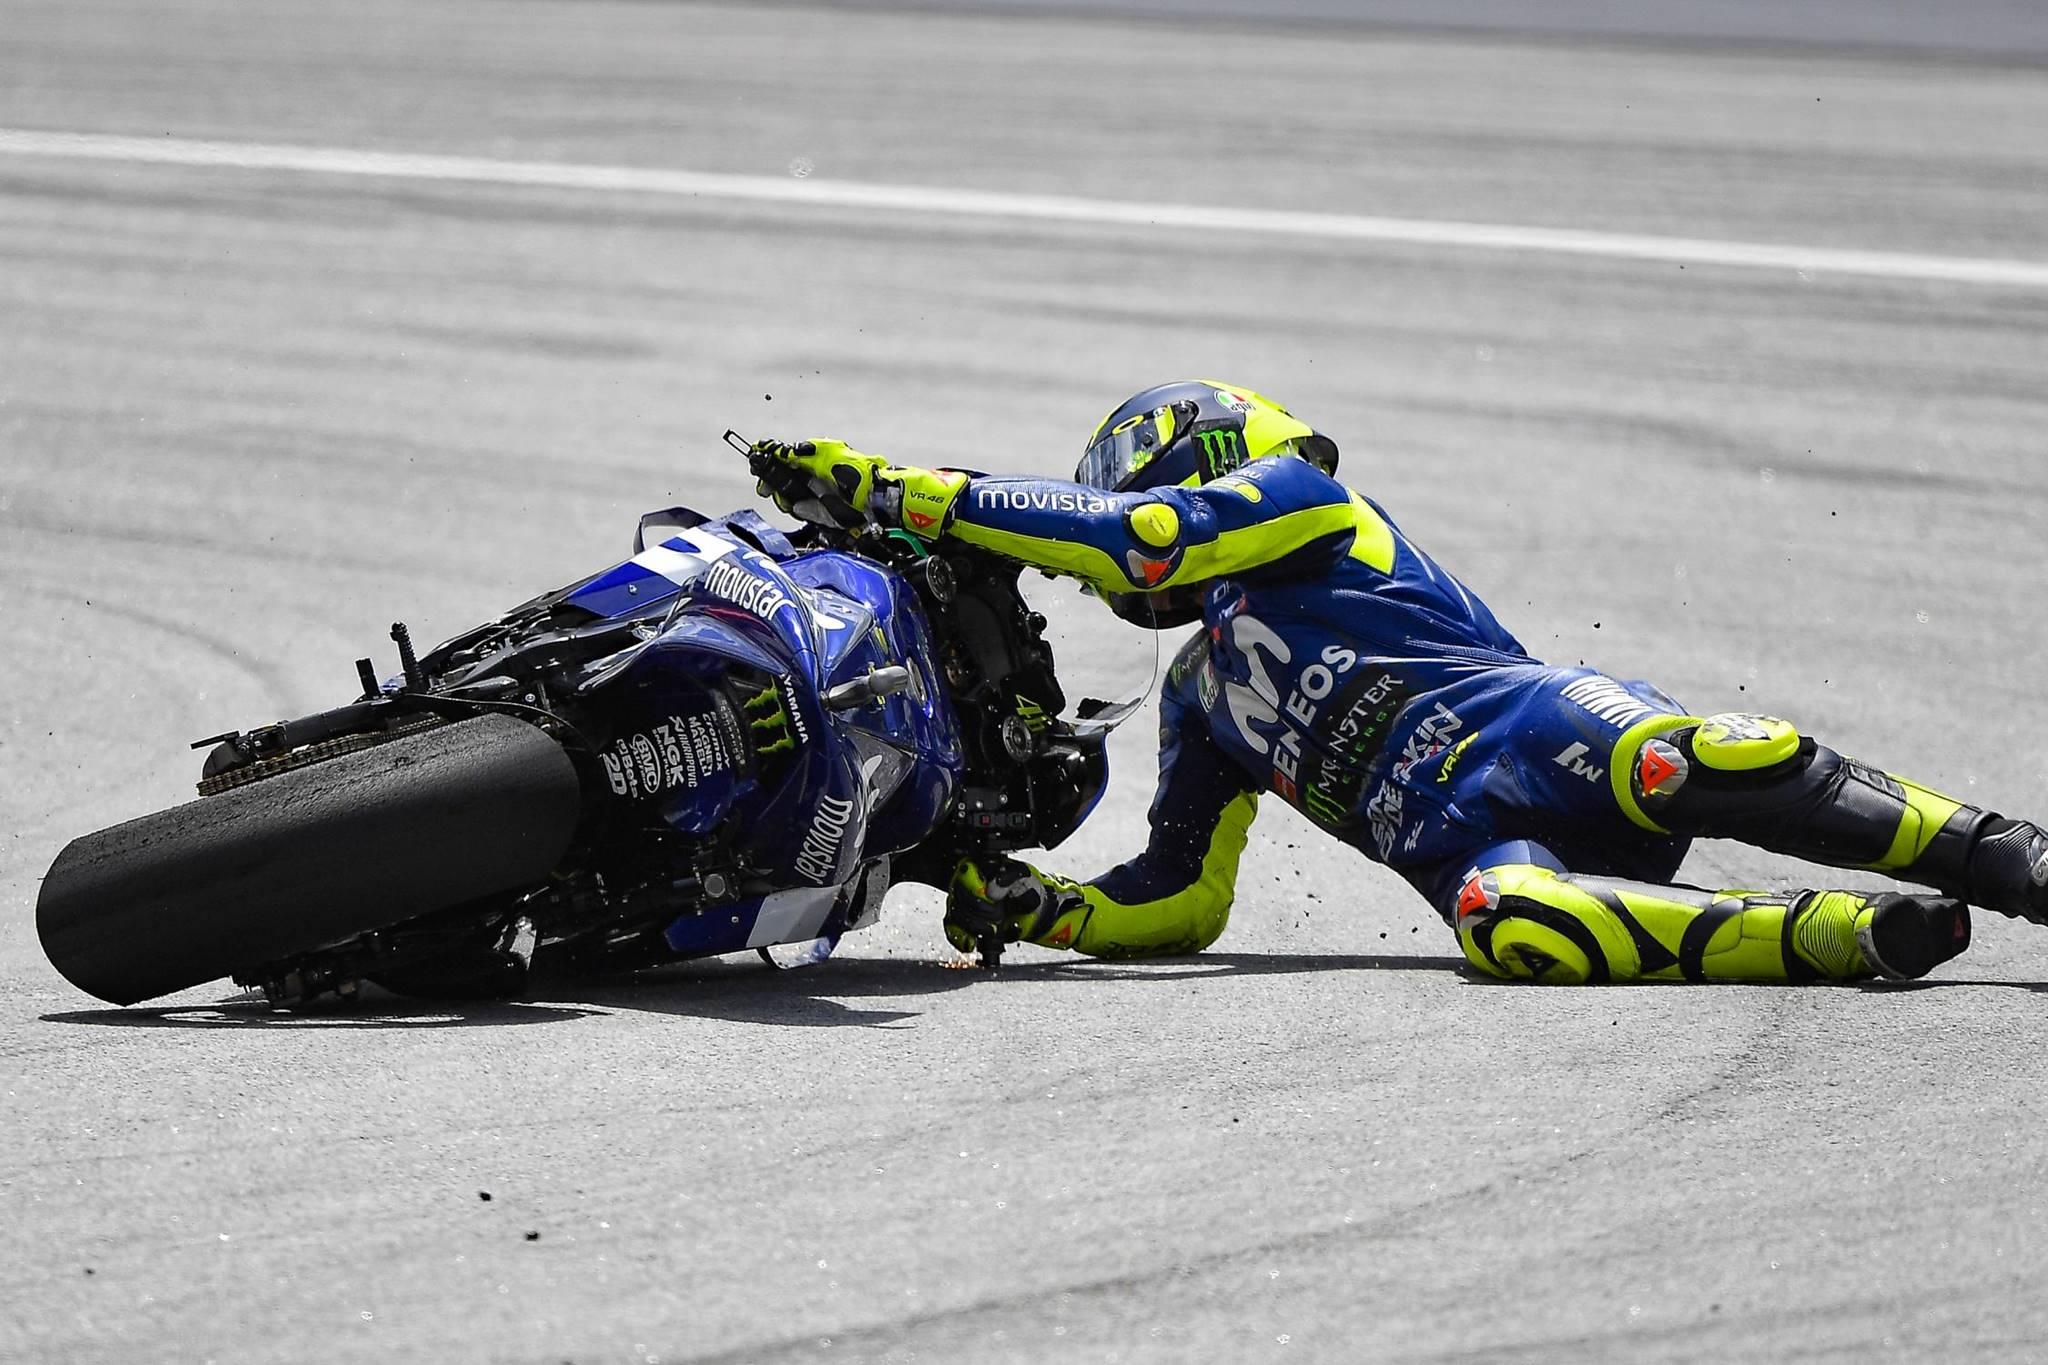 MotoGP_MalaysianGP_2018_Xe_Tinhte_029.jpg